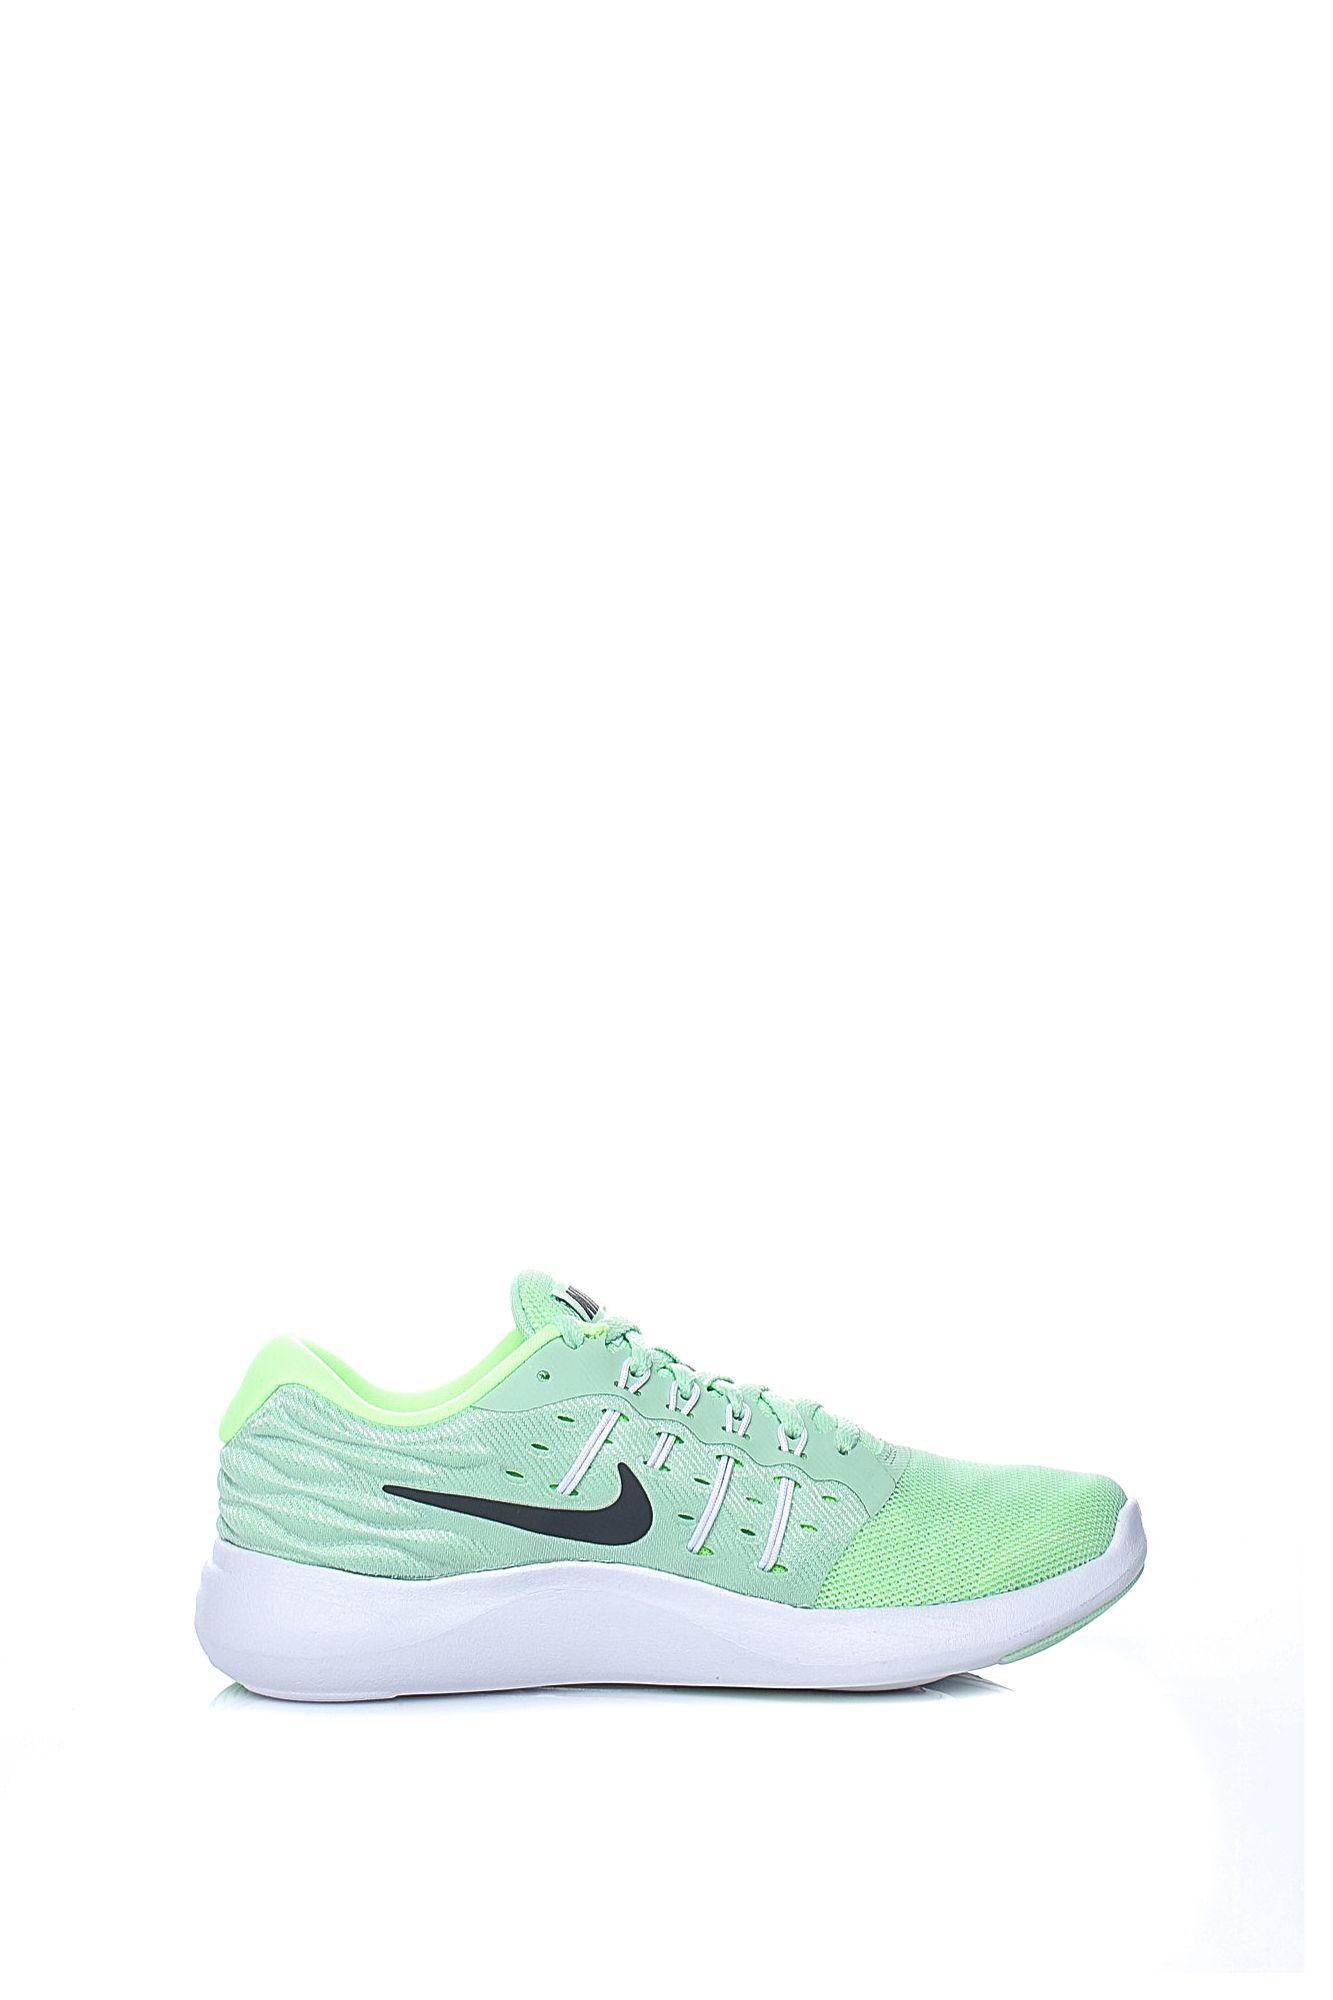 548c3206f07 NIKE – Γυναικεία αθλητικά παπούτσια Nike LUNARSTELOS πράσινα ...